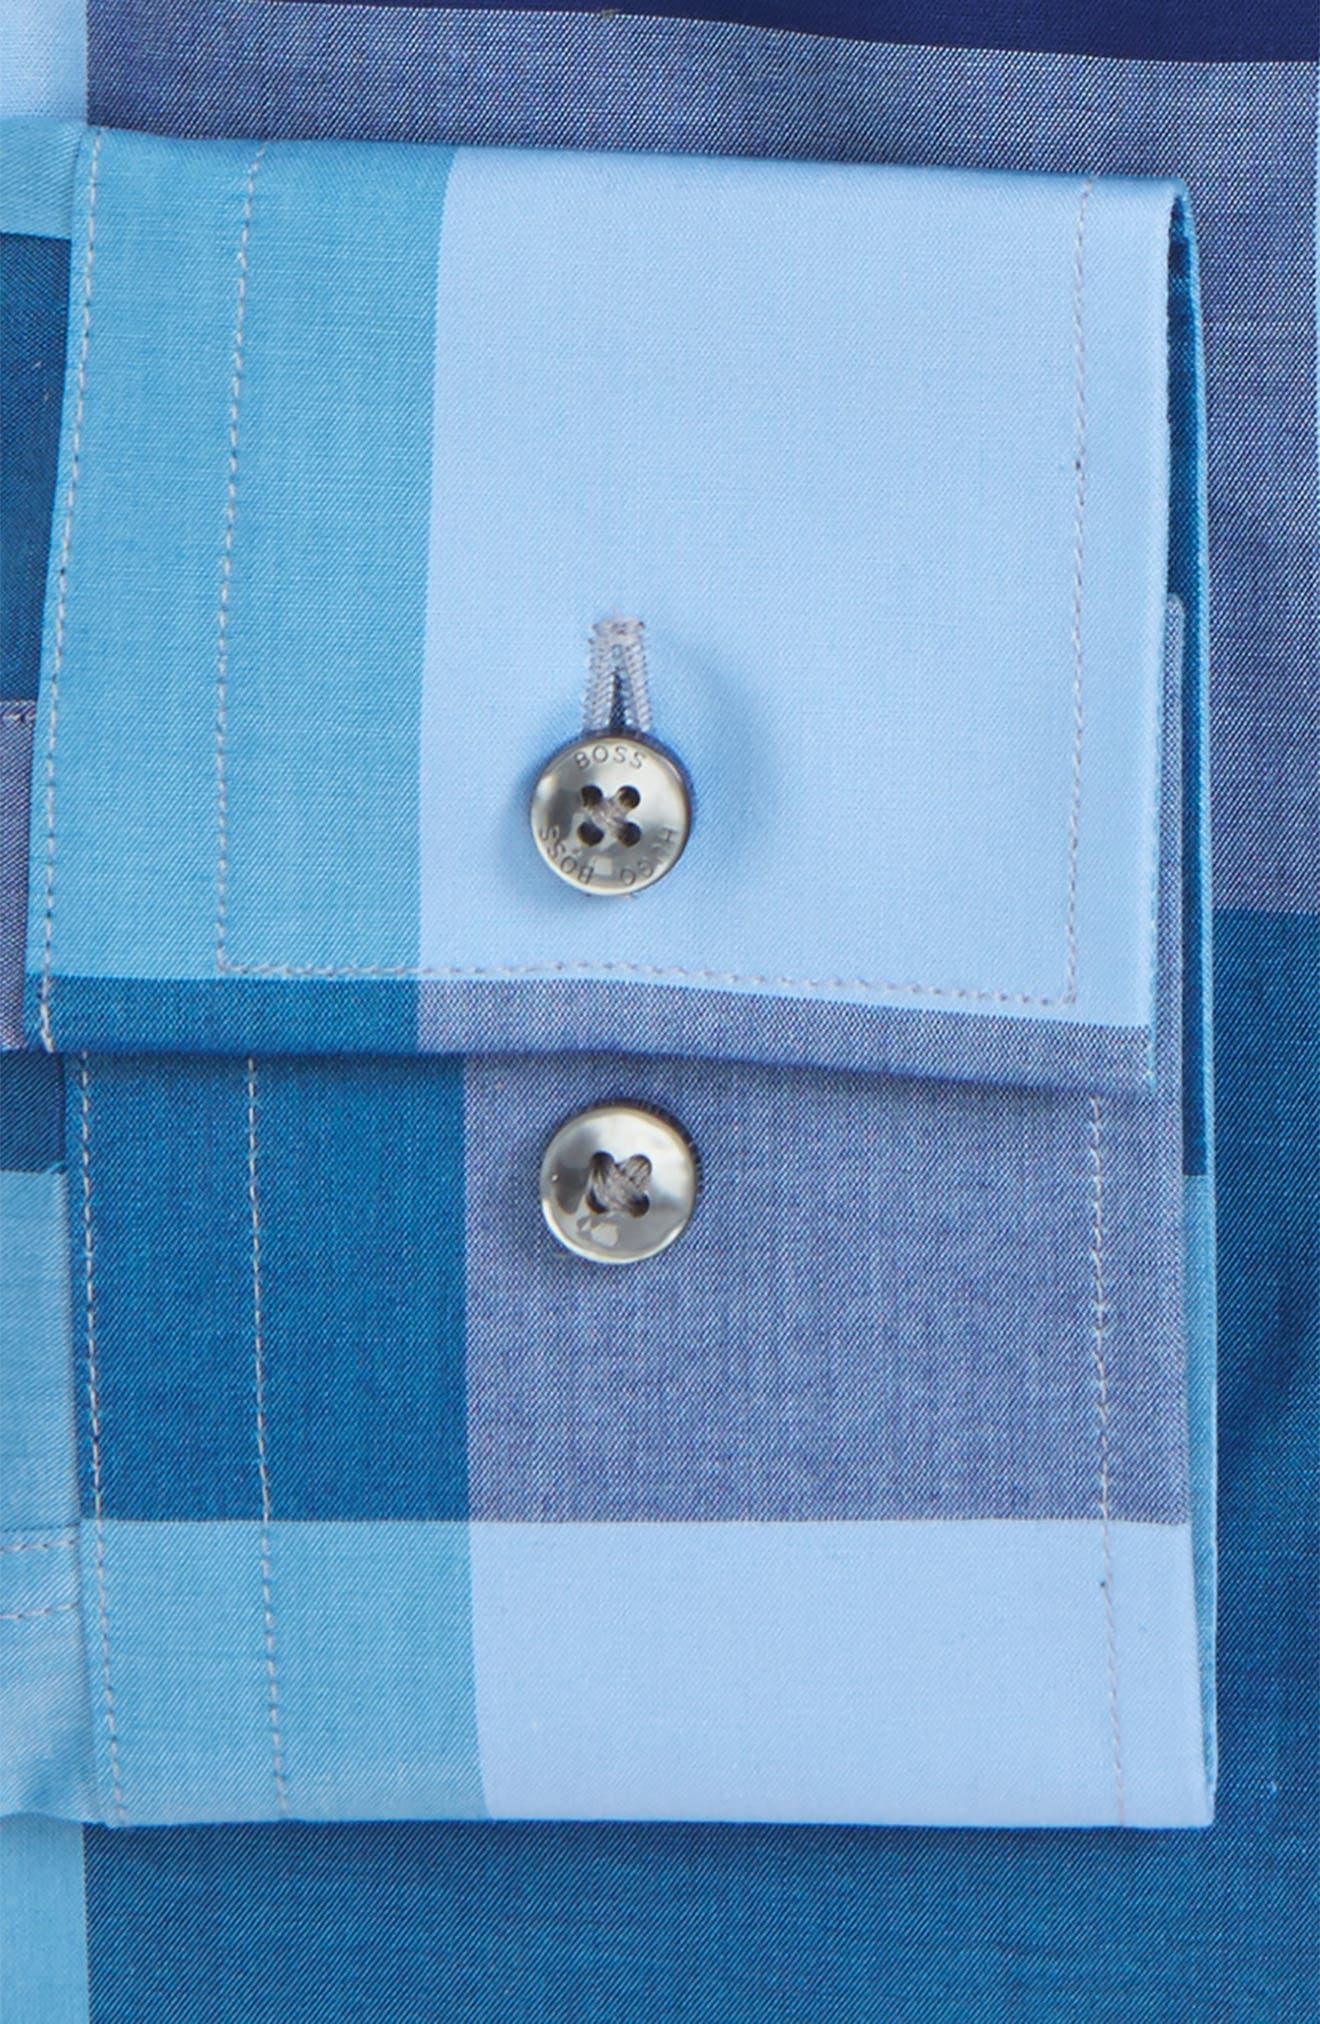 Jenno Slim Fit Check Dress Shirt,                             Alternate thumbnail 5, color,                             Blue